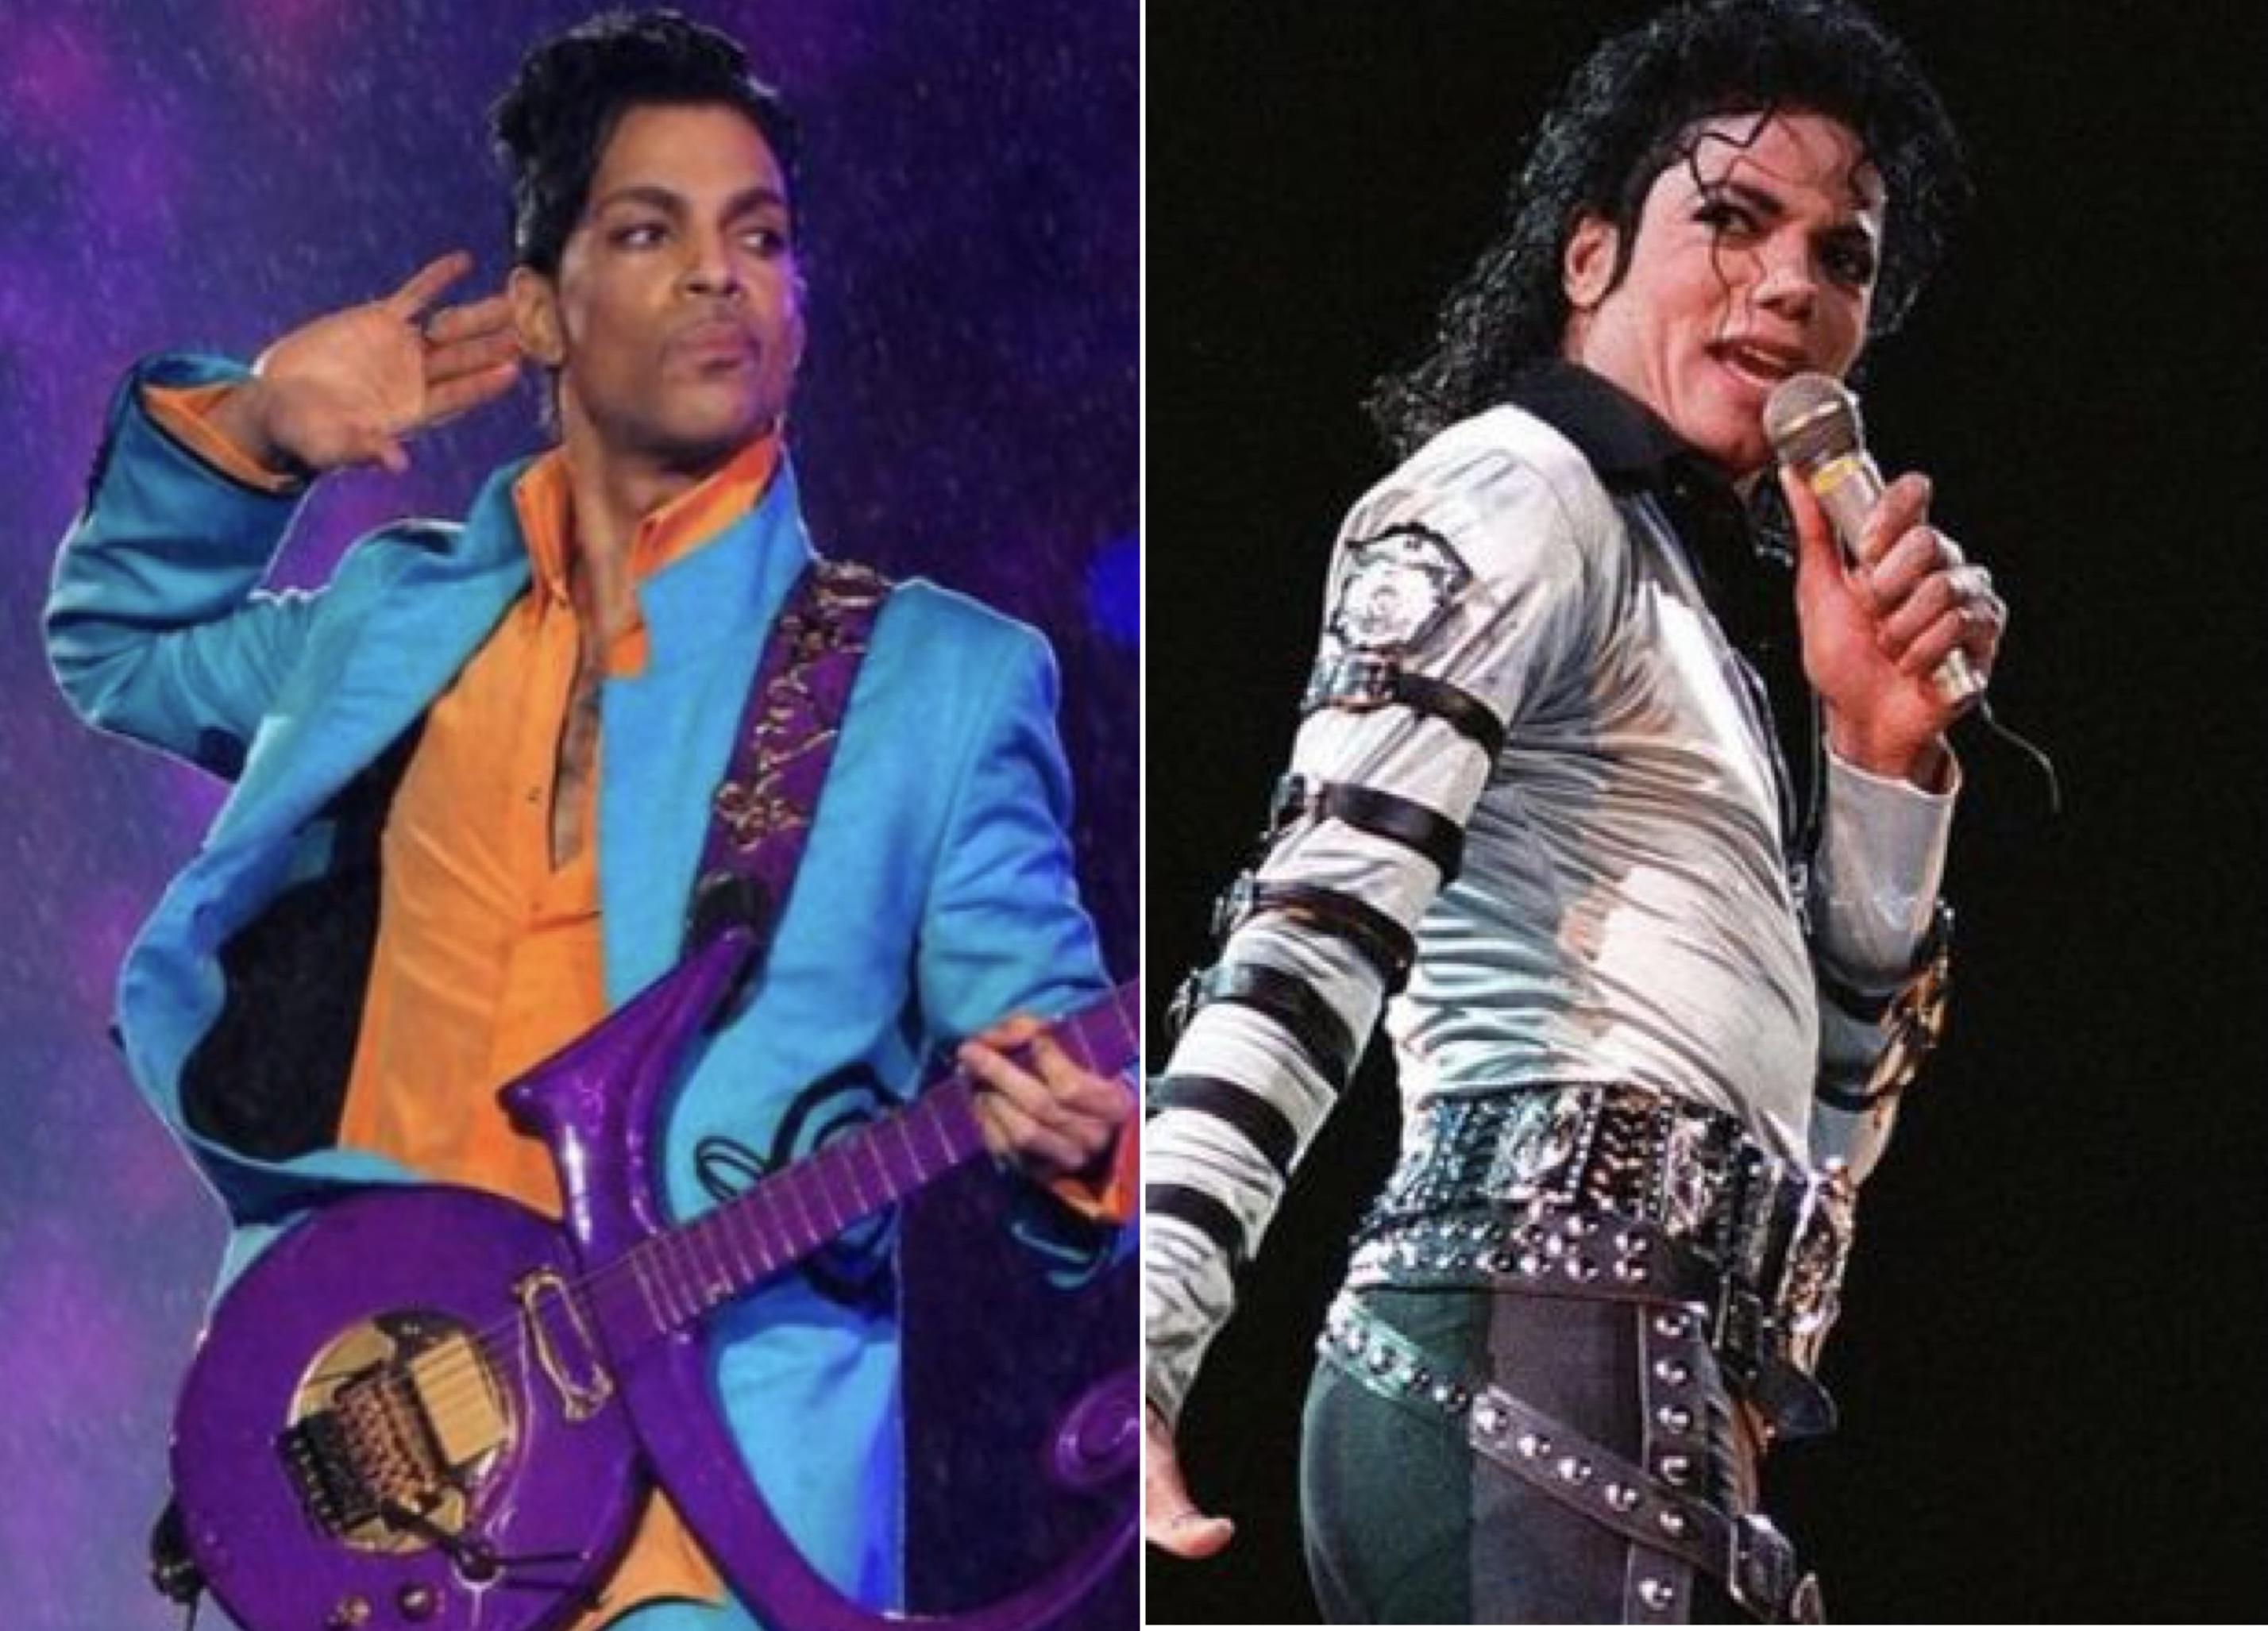 Prince, Michael Jackson